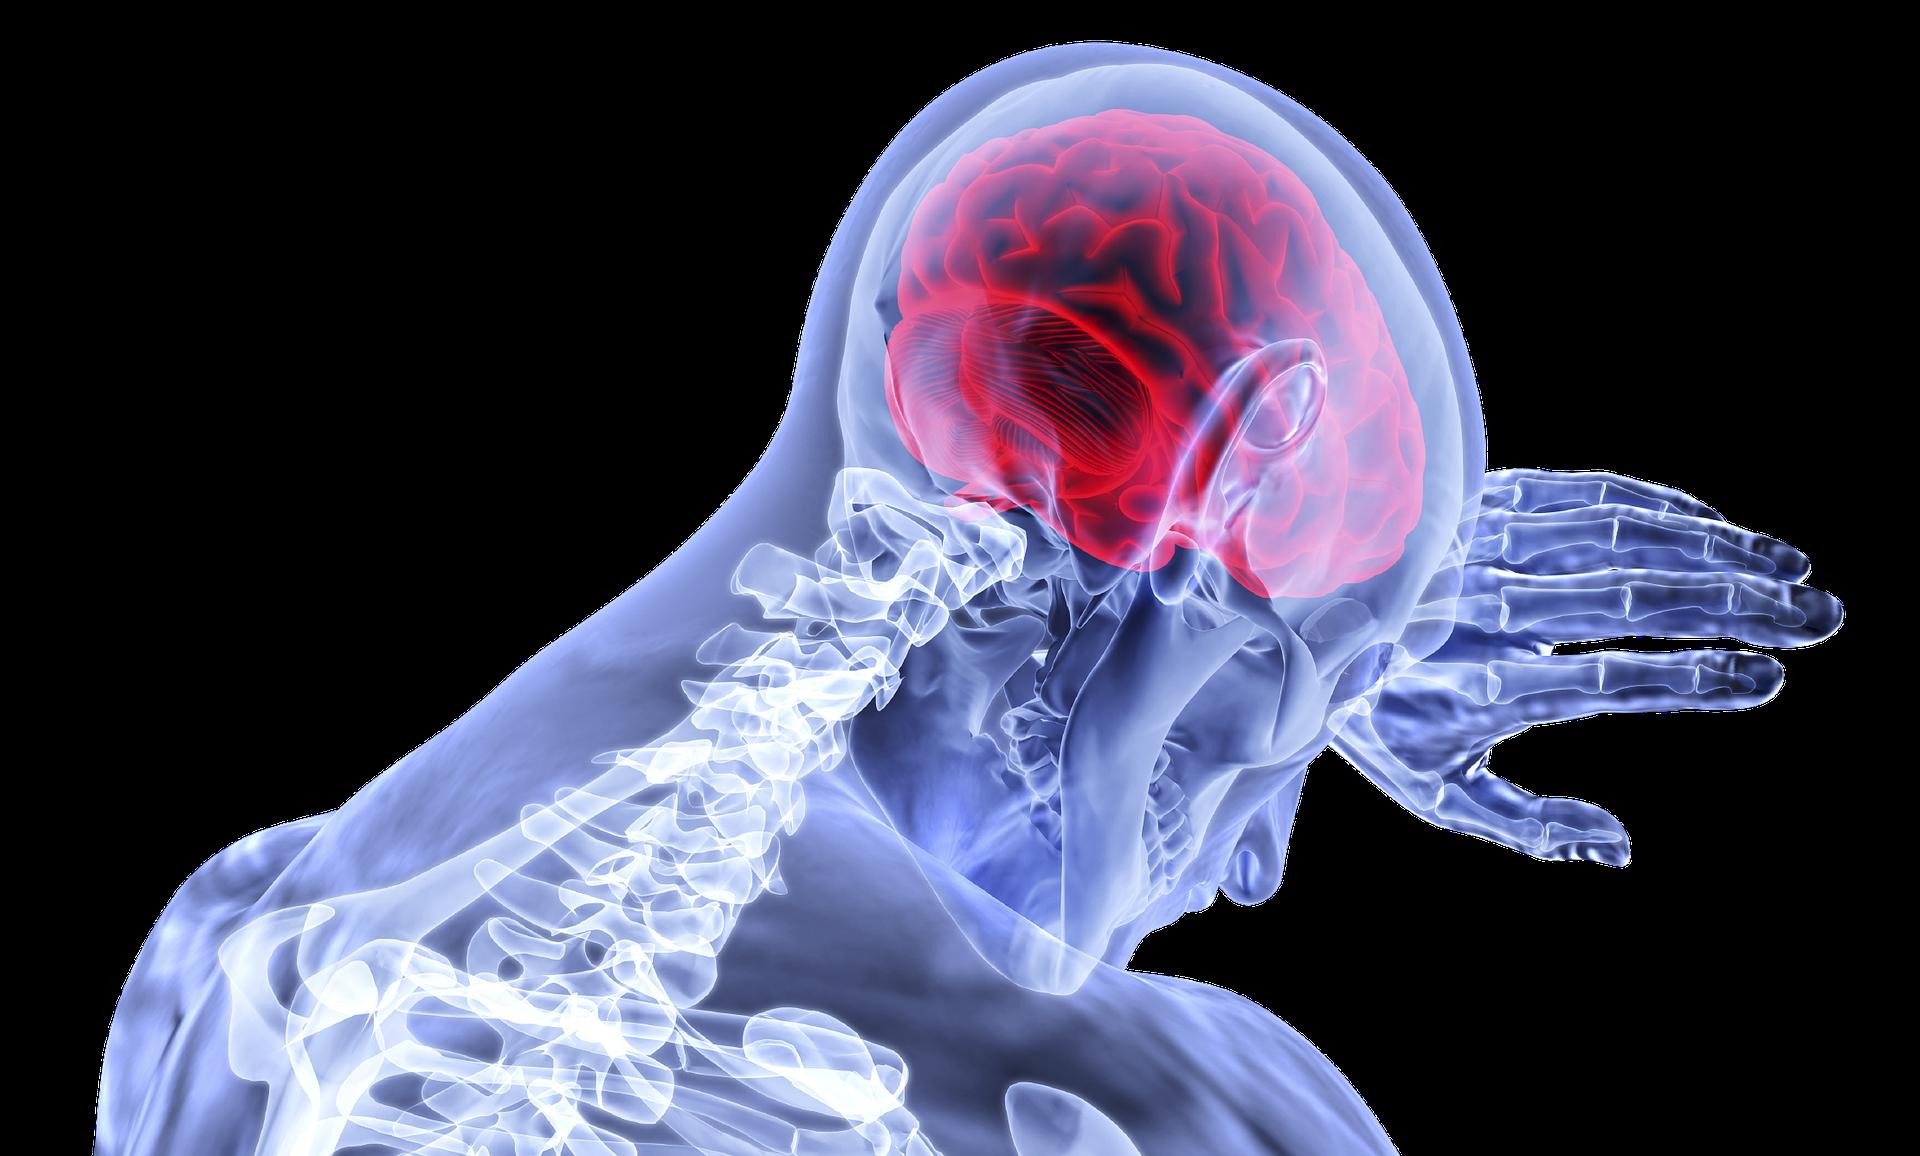 Инсульт головного мозга: факты, симптомы и советы